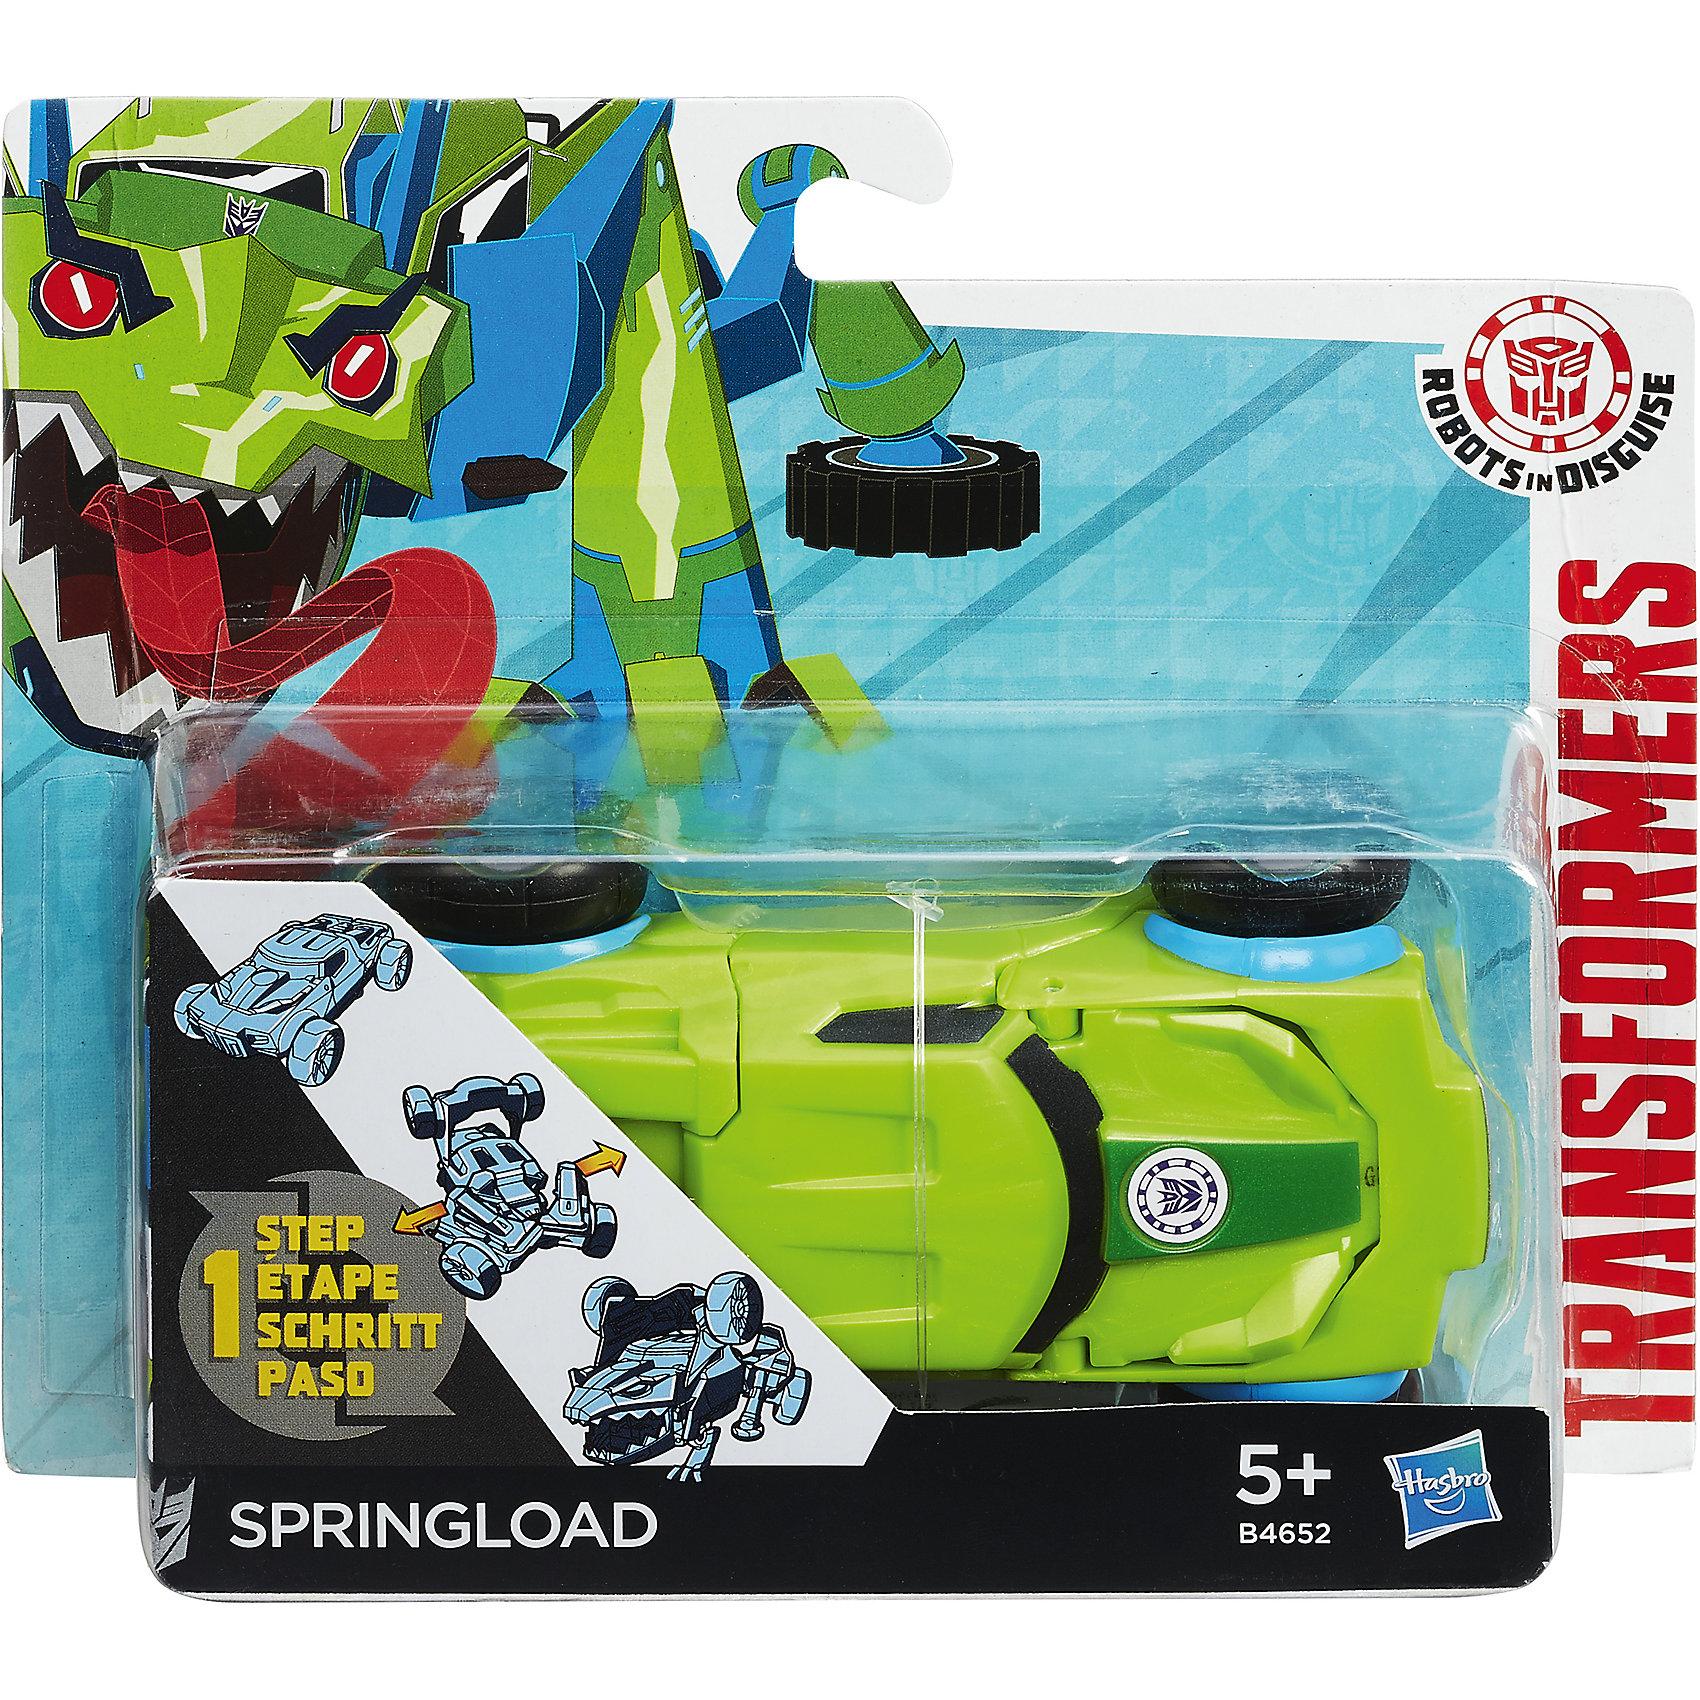 Спринглоад, Роботс-ин-Дисгайс Уан-Стэп, ТрансформерыЛюбимые персонажи, которые трансформируются в один миг! Игрушка выполнена из высококачественного прочного пластика, прекрасно детализирована, легко и просто трансформируется всего за 5 действий. Робот имеет средний размер, ребенку удобно держать его в руках и производить трансформации самостоятельно. Springload  - авторобот - ящер из клана десептиконов, хитрый, опасный. Игрушки-трансформеры помогают развить мелкую моторику, логическое мышление и воображение ребенка.  <br><br>Дополнительная информация: <br><br>- Комплектация: фигурка, оружие. <br>- Материал: пластик. <br>- Размер упаковки: 15х4х15 см. <br>- Размер игрушки: 12 см.<br>- Трансформируется за 5 действий. <br><br>Трансформер Роботс-ин-Дисгайс Уан-Стэп можно купить в нашем магазине.<br><br>Ширина мм: 178<br>Глубина мм: 151<br>Высота мм: 63<br>Вес г: 115<br>Возраст от месяцев: 60<br>Возраст до месяцев: 120<br>Пол: Мужской<br>Возраст: Детский<br>SKU: 4702895